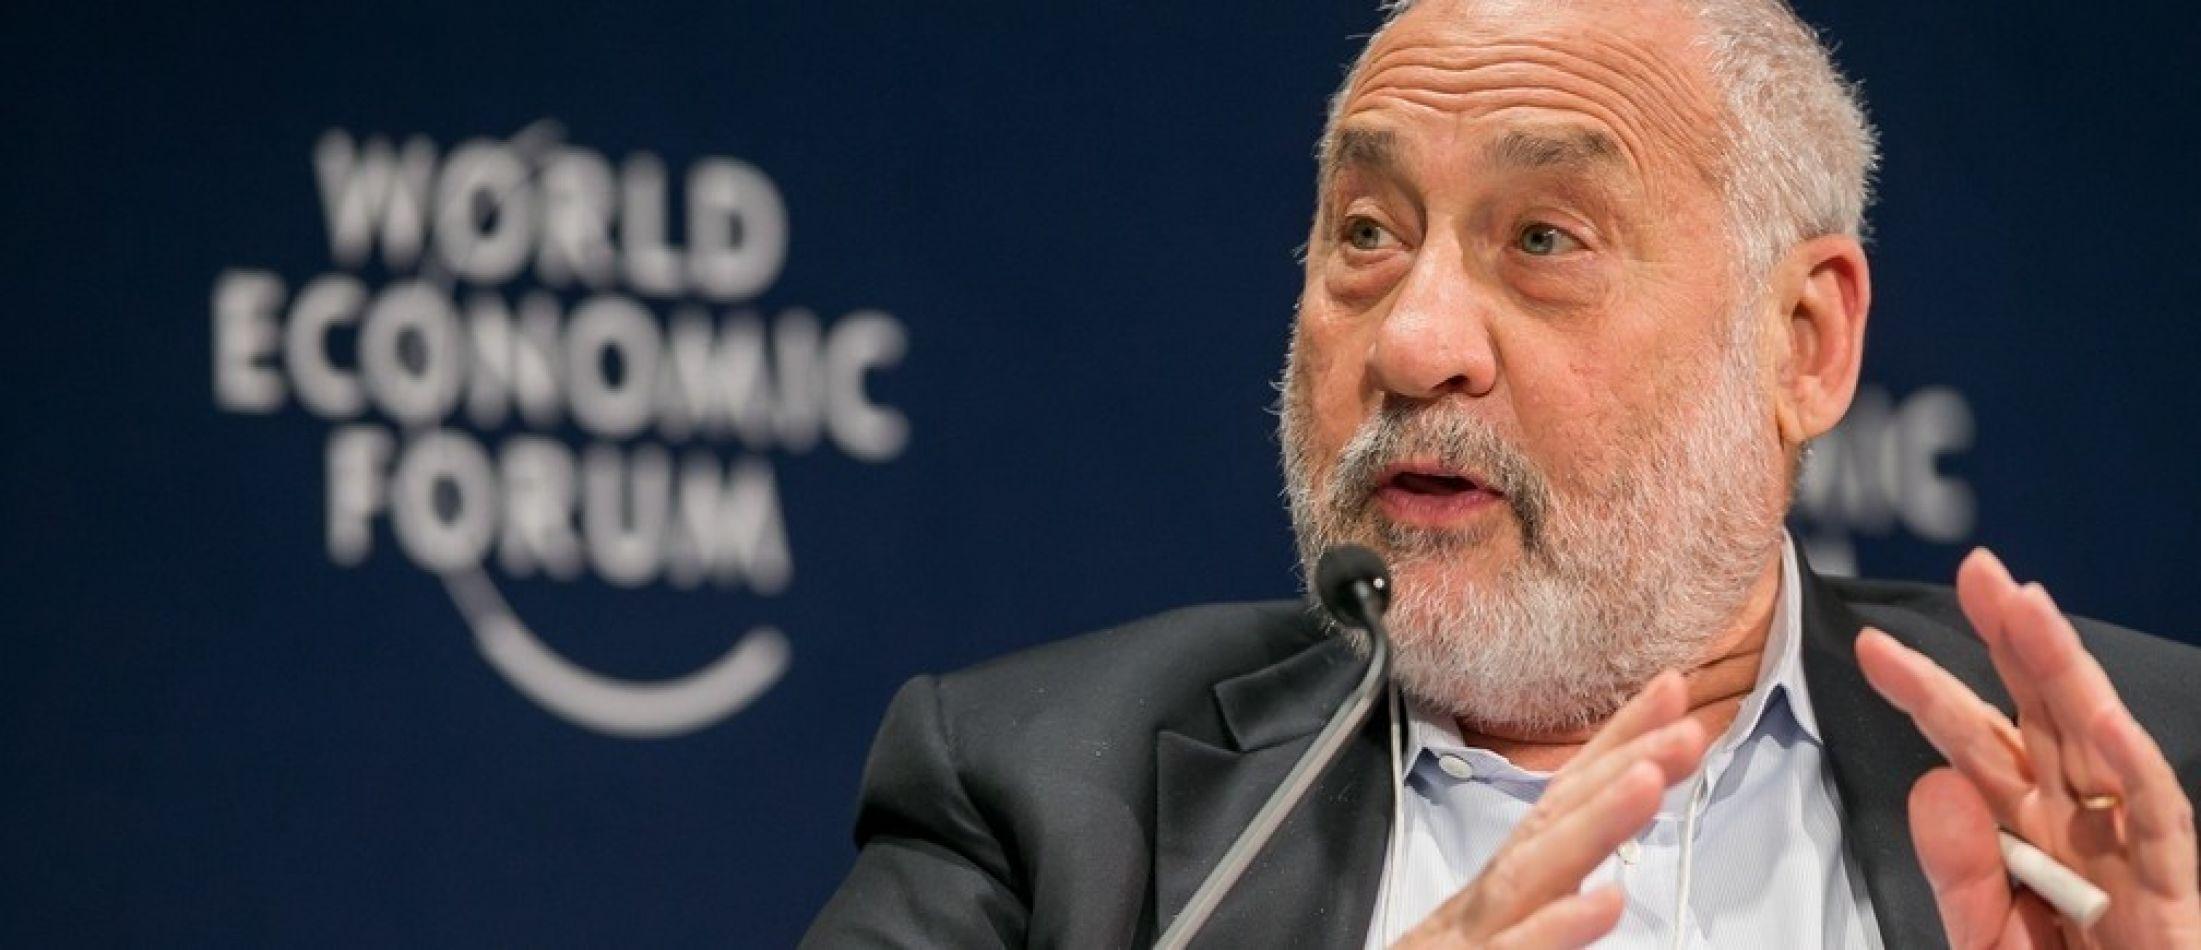 Joseph Stiglitz, Premio Nobel de Economía